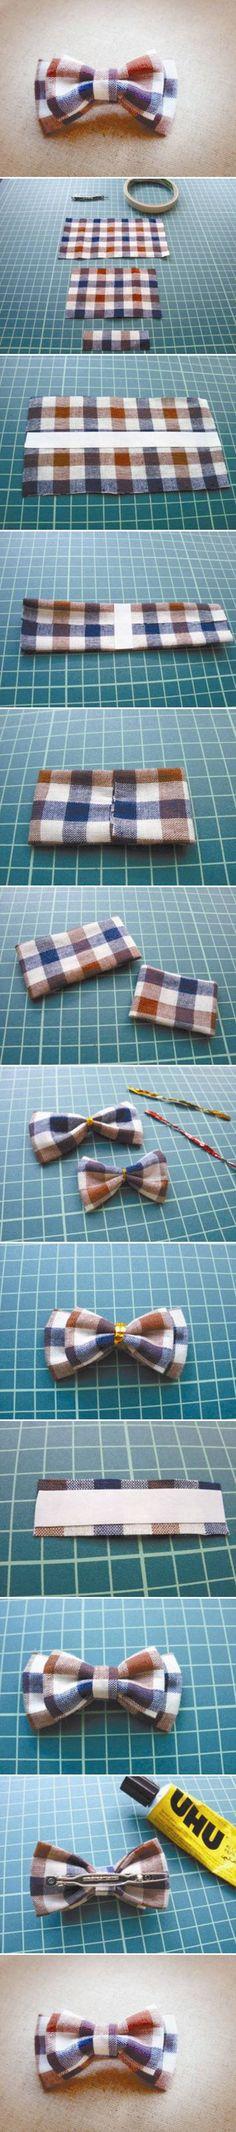 How to Make Pretty Plaid Bow Hair Clip #craft